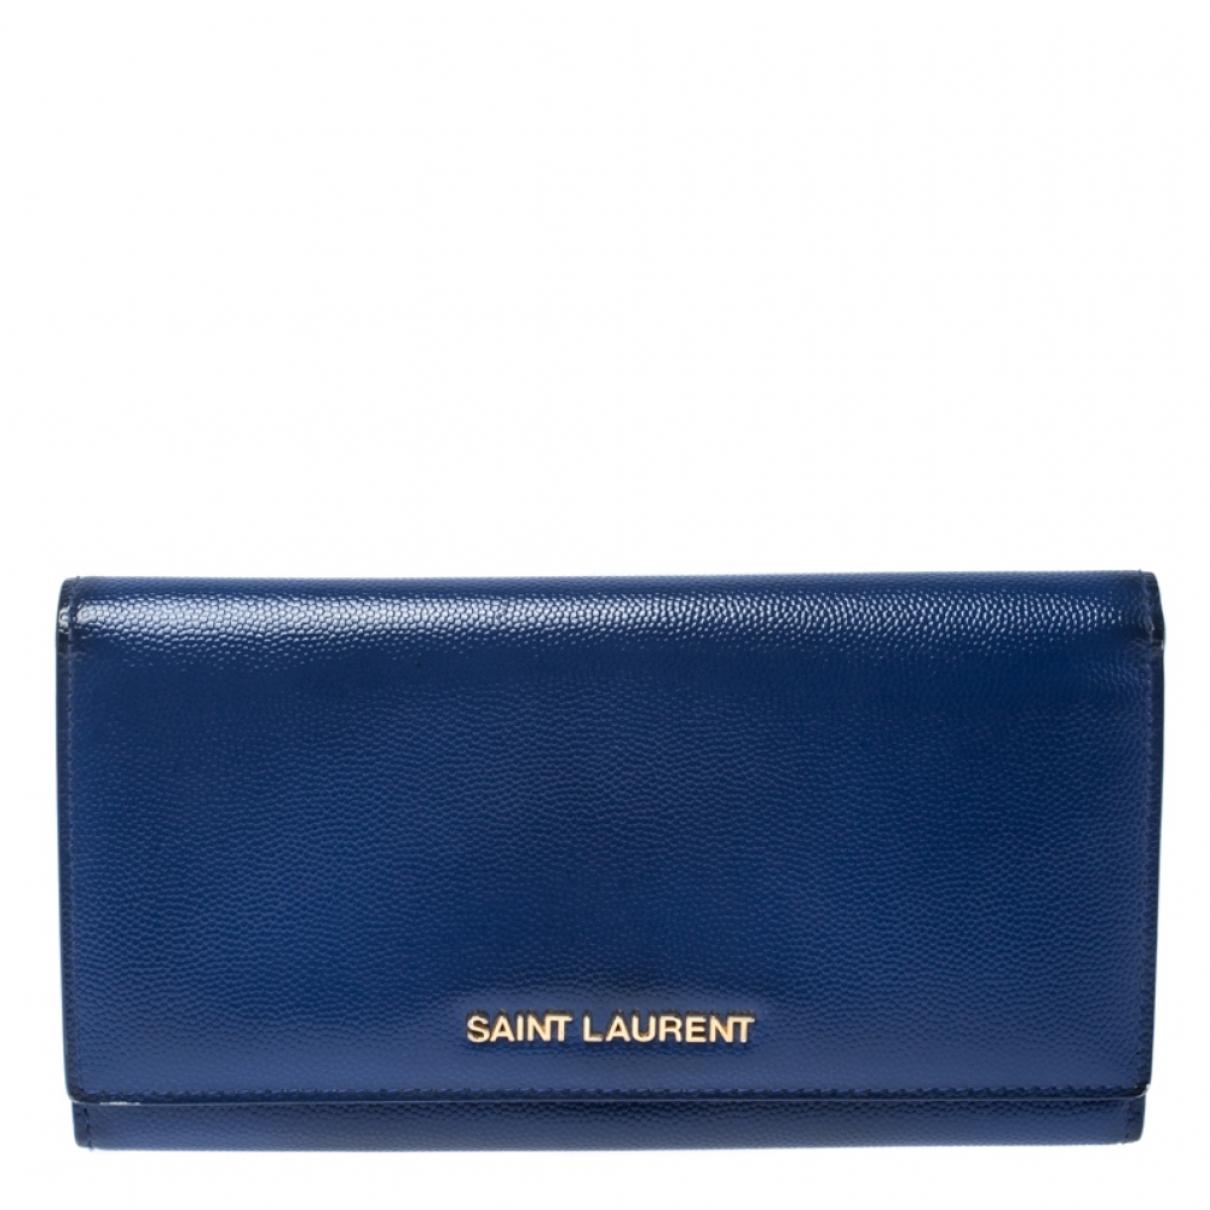 Saint Laurent - Portefeuille   pour femme en cuir - bleu